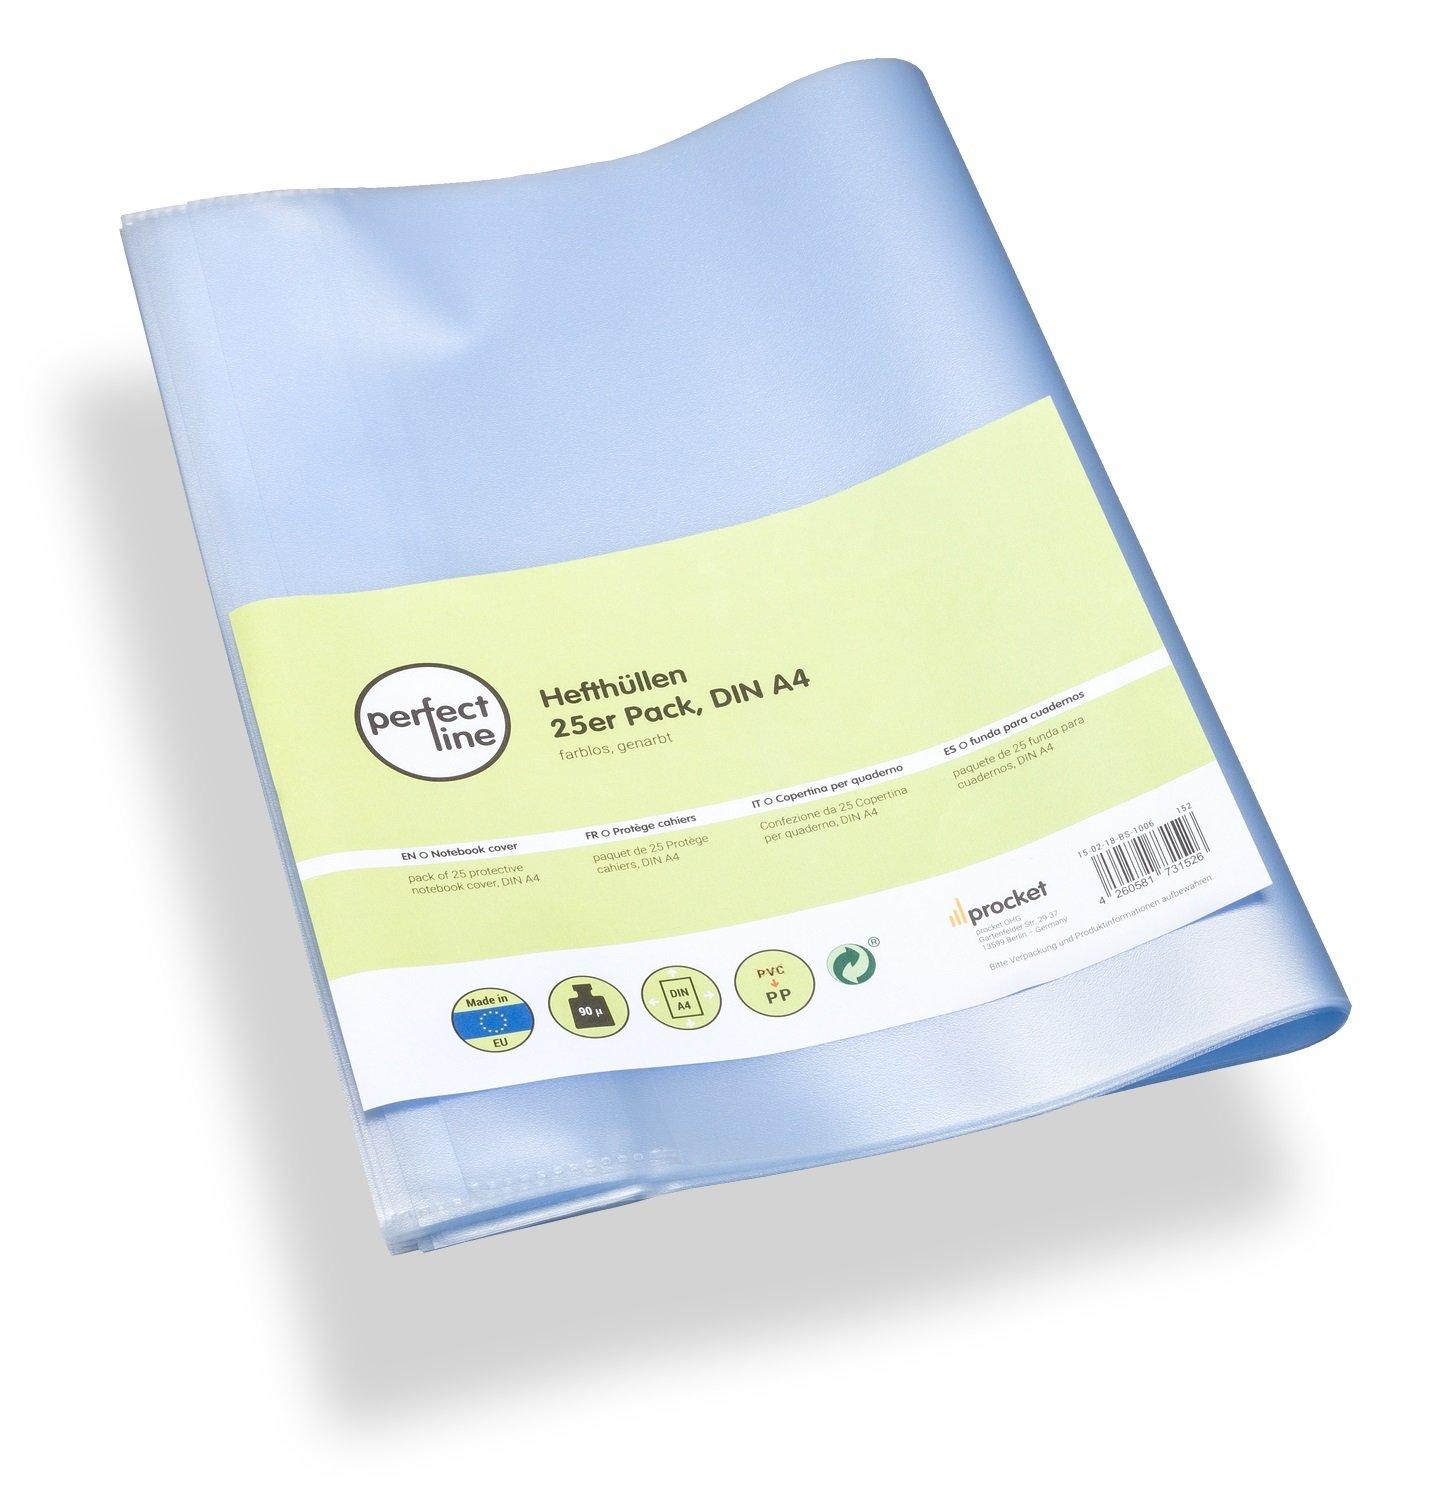 perfect line 25 buste per quaderni trasparenti formato A4, copertina per libro flessibile & pulibile, proteggi quaderno con copertine, custodia di protezione, pellicola protettiva, Coprilibri plastica procket